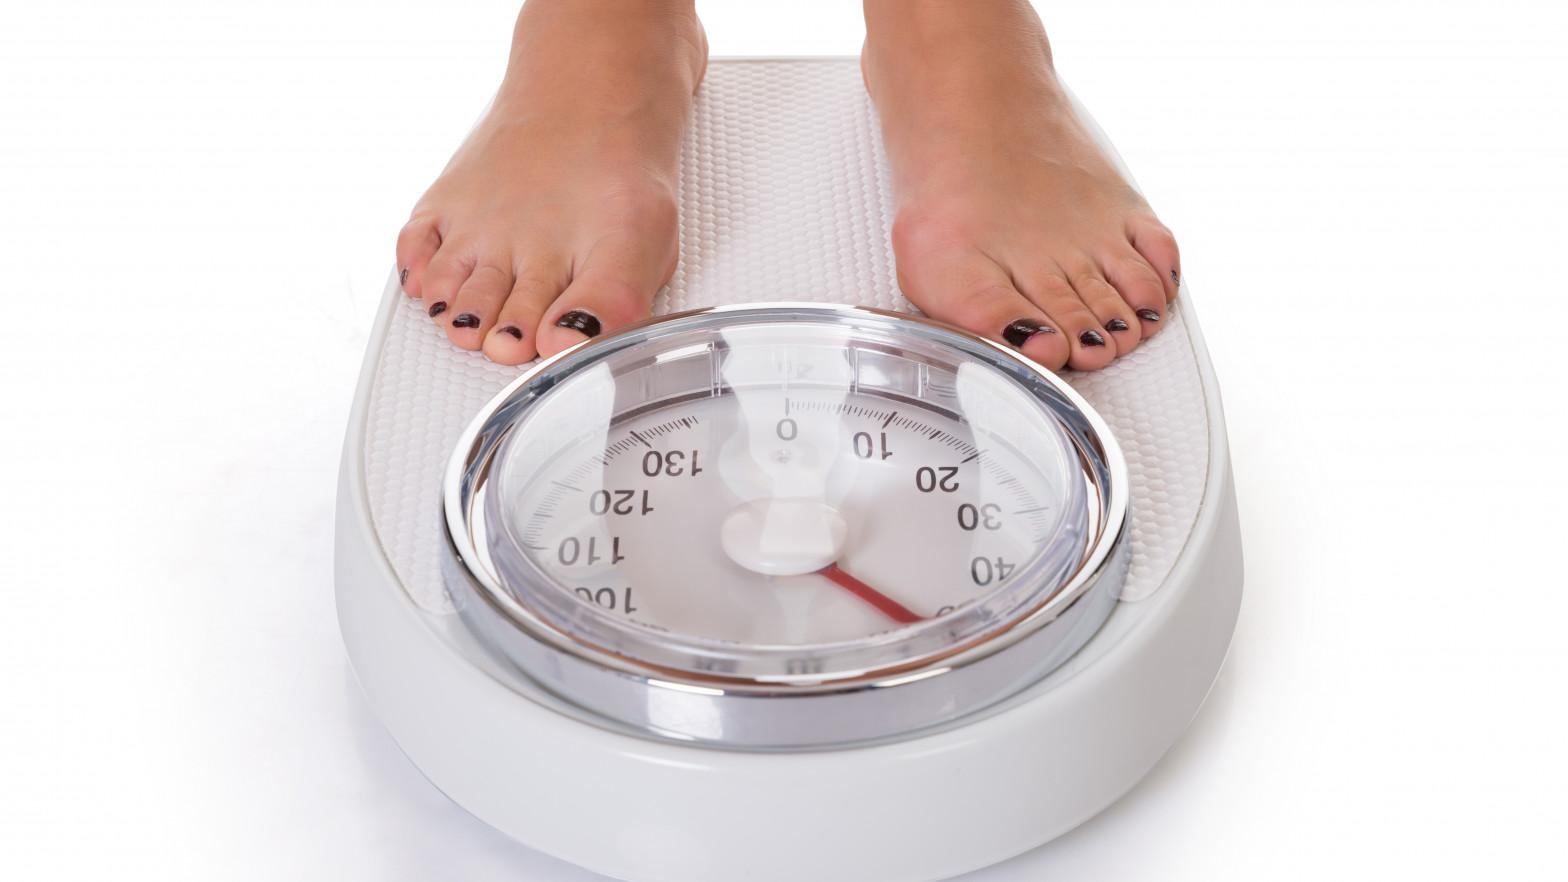 Por qué no logras perder peso si haces ejercicio y comes sano: lo que no sabes